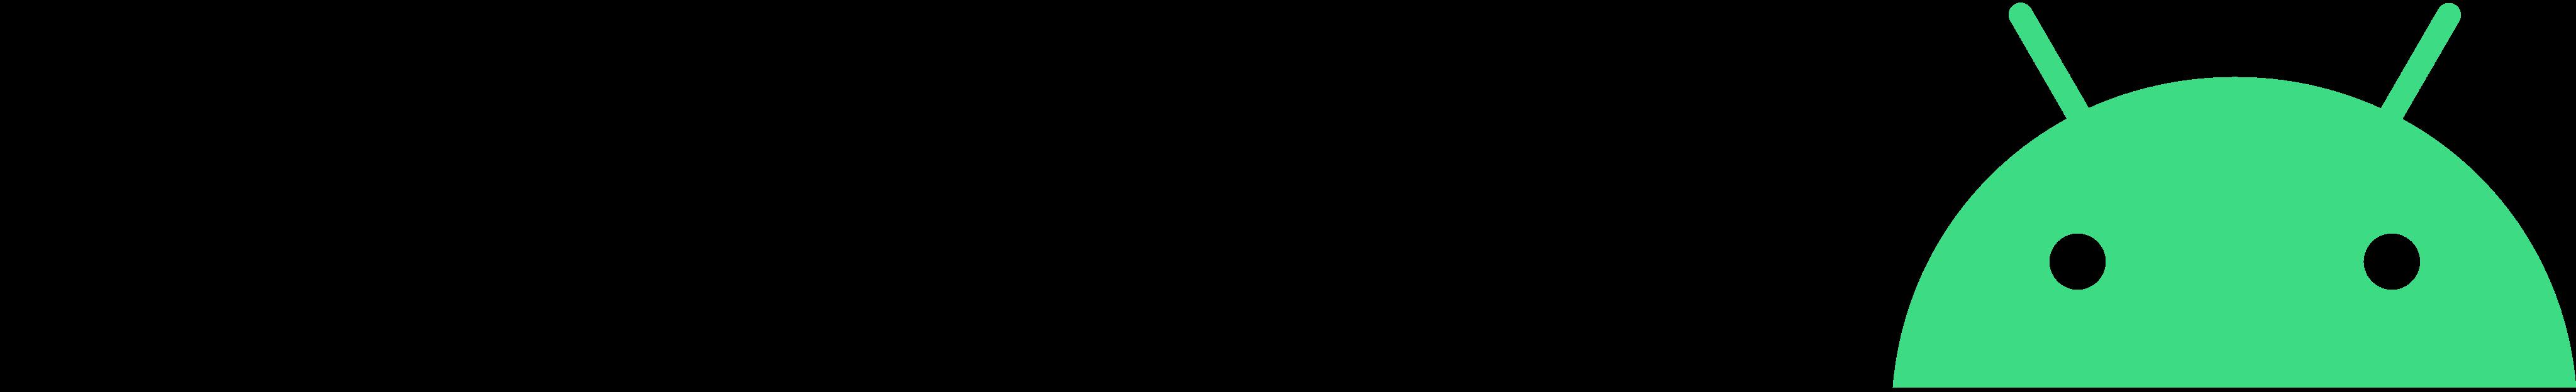 android logo - nextpointe